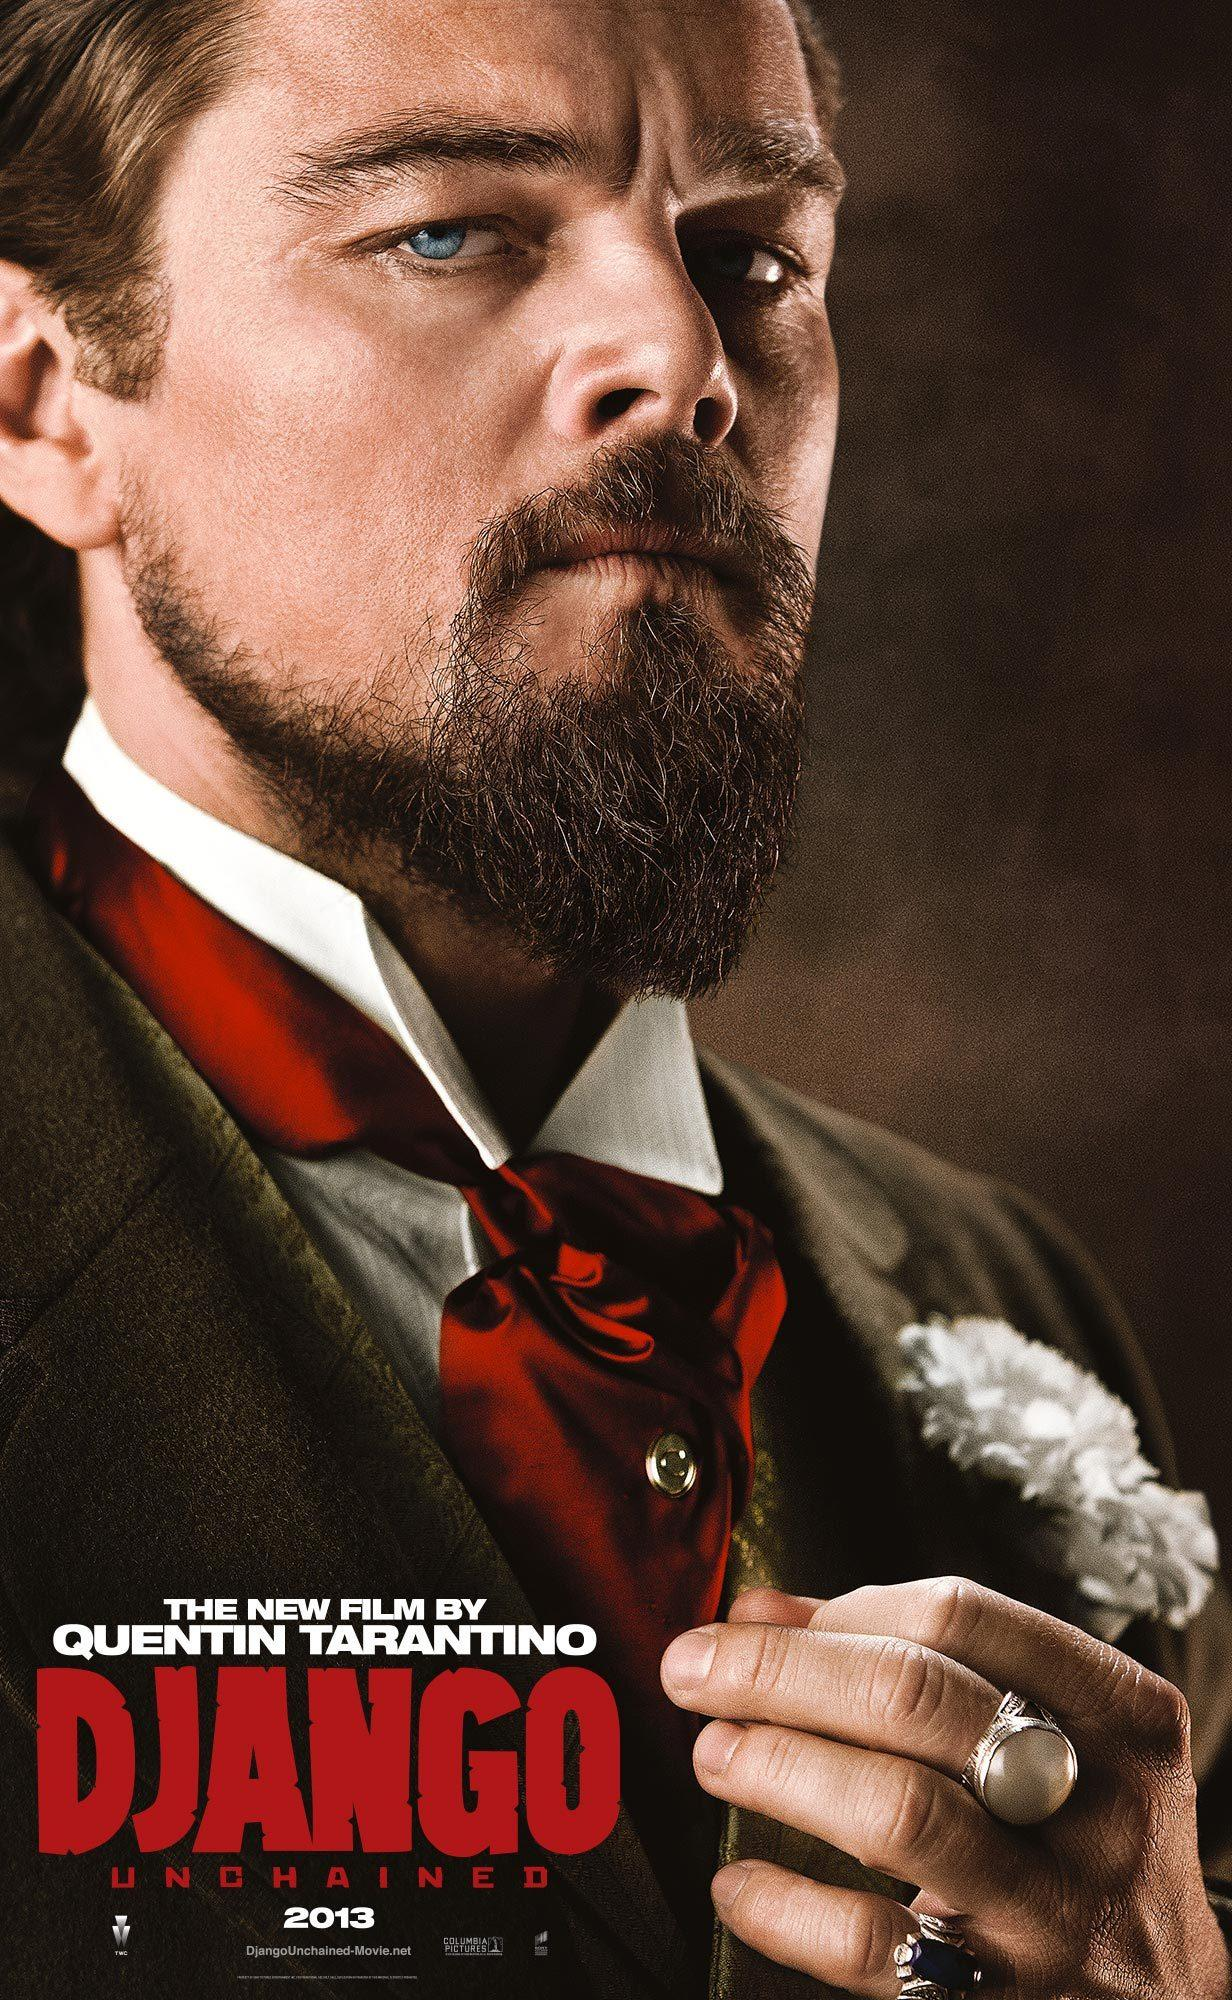 昆汀《被解放的迪亚戈》(Django Unchained)全角色海报 小李领衔五大主演